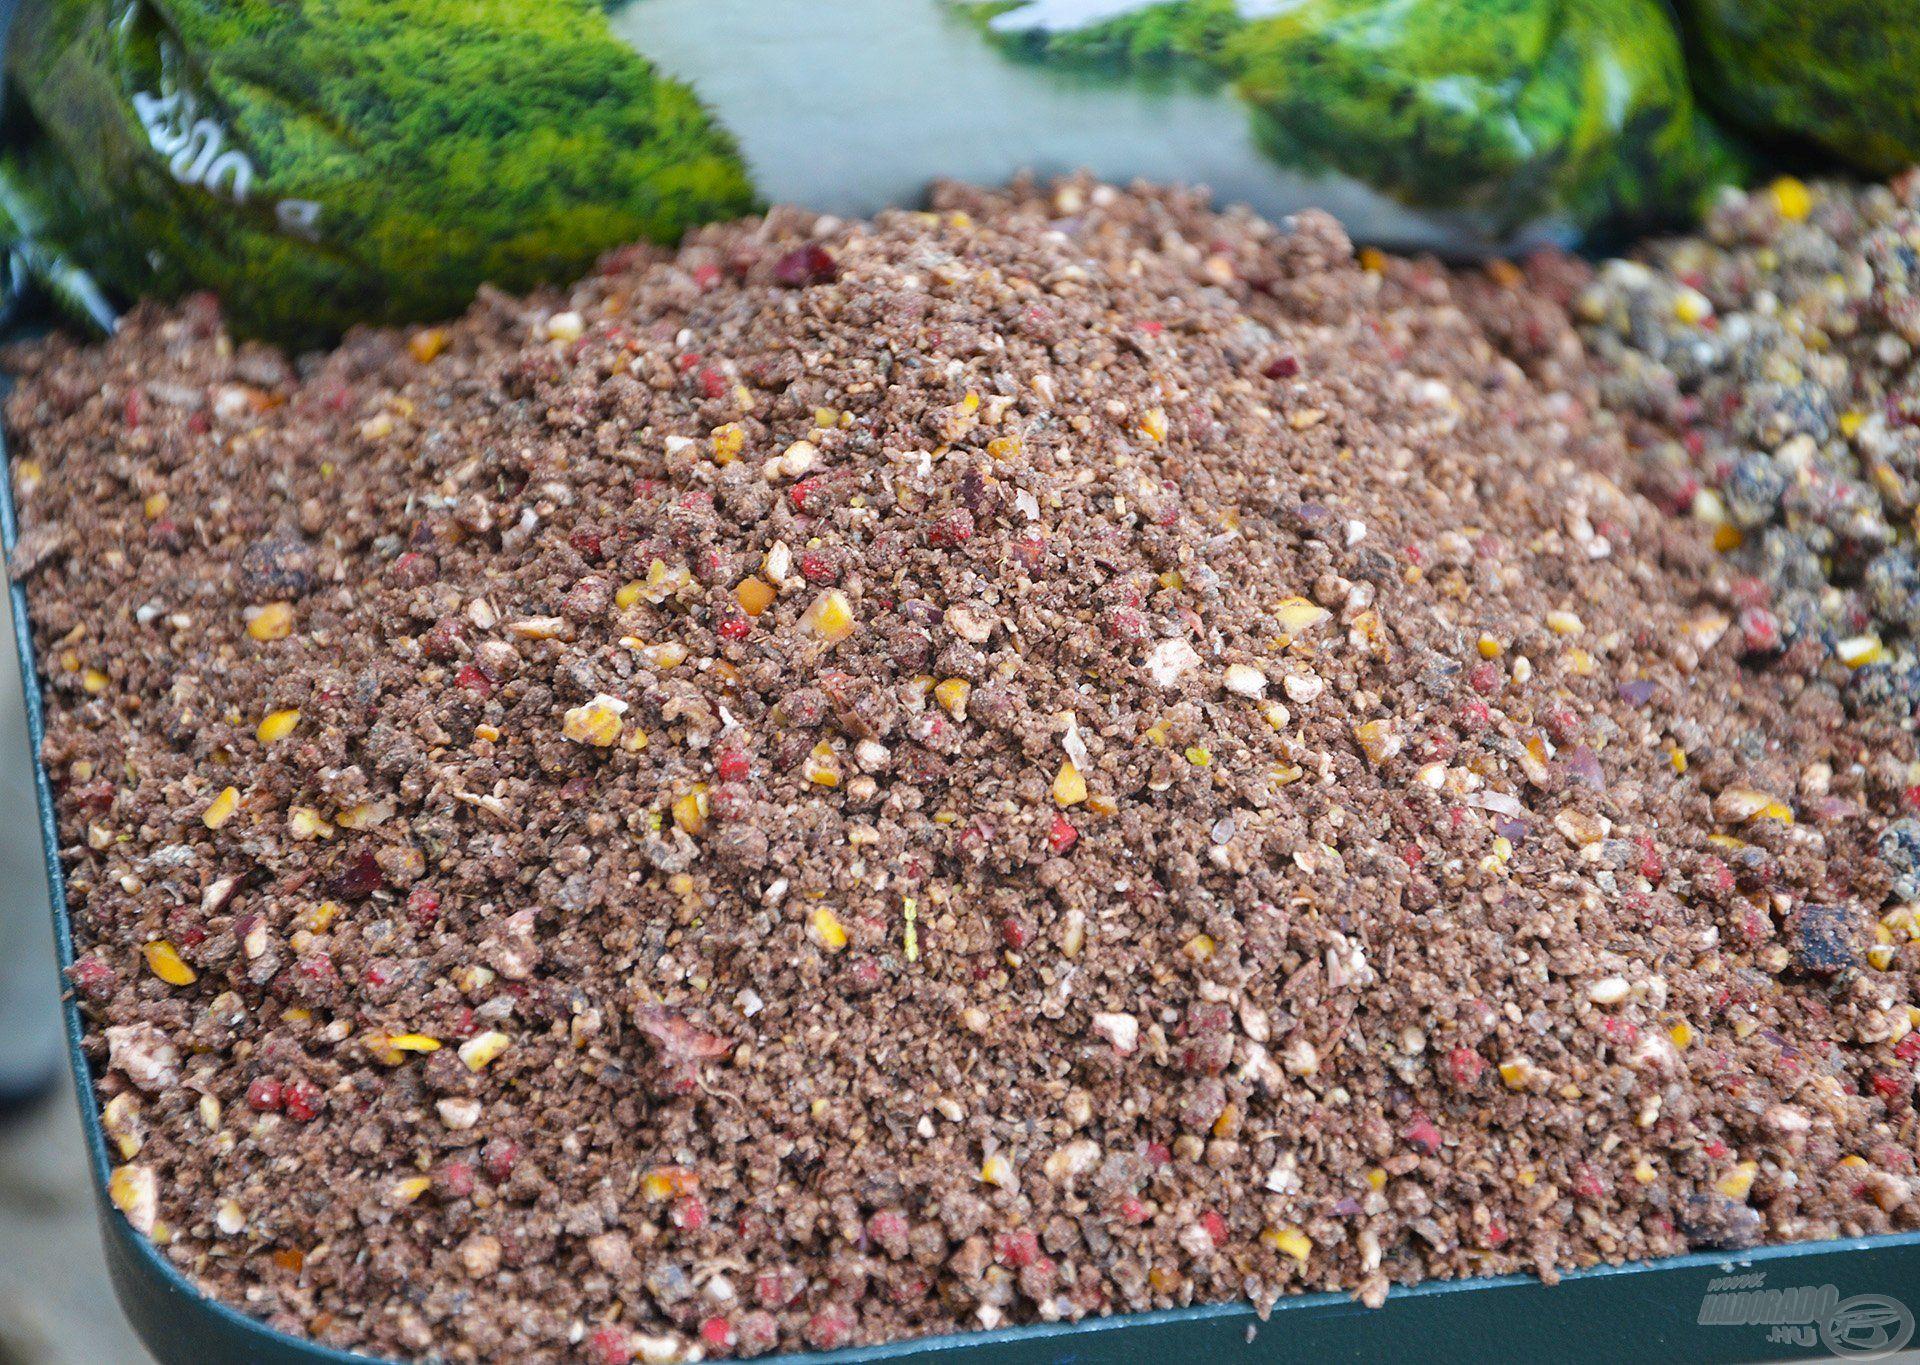 A Mohos Dévérben gondosan válogatott, különböző ízű és színű pelletek mellett roppantott olajos magvak is fellelhetők